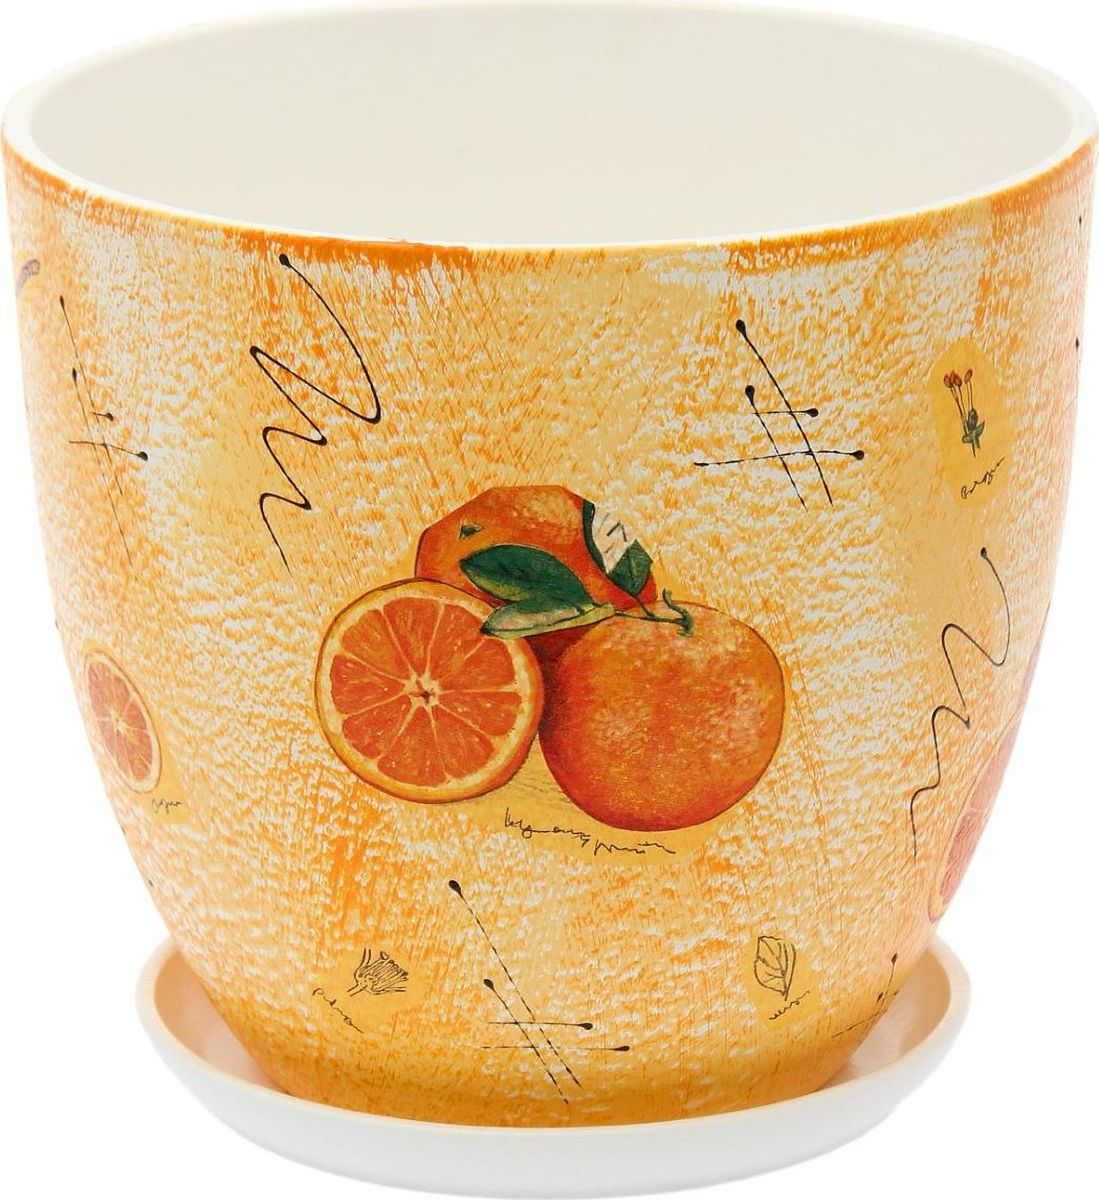 Кашпо Апельсин, 8,5 л1793181Комнатные растения — всеобщие любимцы. Они радуют глаз, насыщают помещение кислородом и украшают пространство. Каждому из них необходим свой удобный и красивый дом. Кашпо из керамики прекрасно подходят для высадки растений: за счёт пластичности глины и разных способов обработки существует великое множество форм и дизайновпористый материал позволяет испаряться лишней влагевоздух, необходимый для дыхания корней, проникает сквозь керамические стенки! #name# позаботится о зелёном питомце, освежит интерьер и подчеркнёт его стиль.